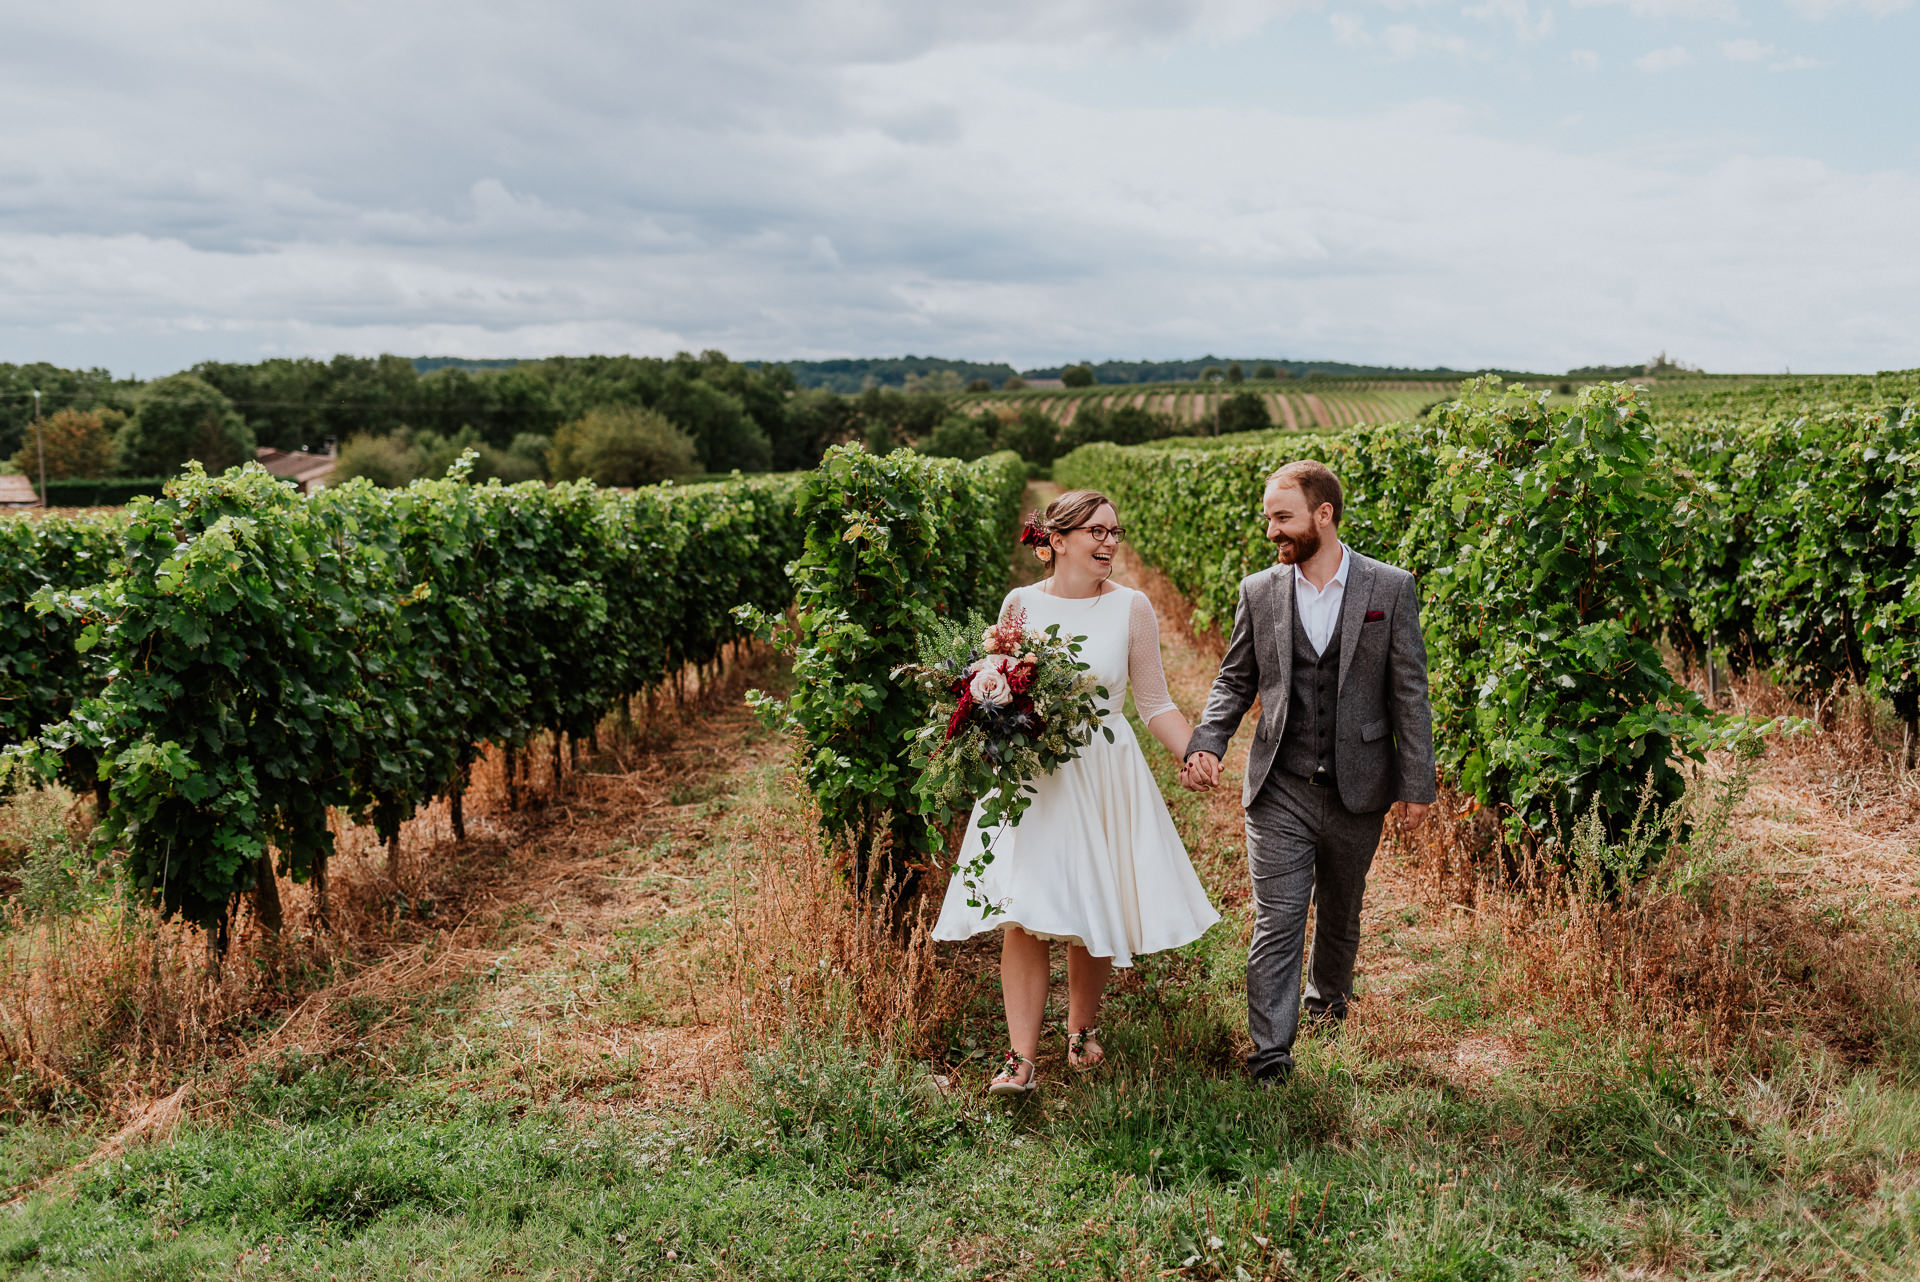 vineyuard wedding venue france